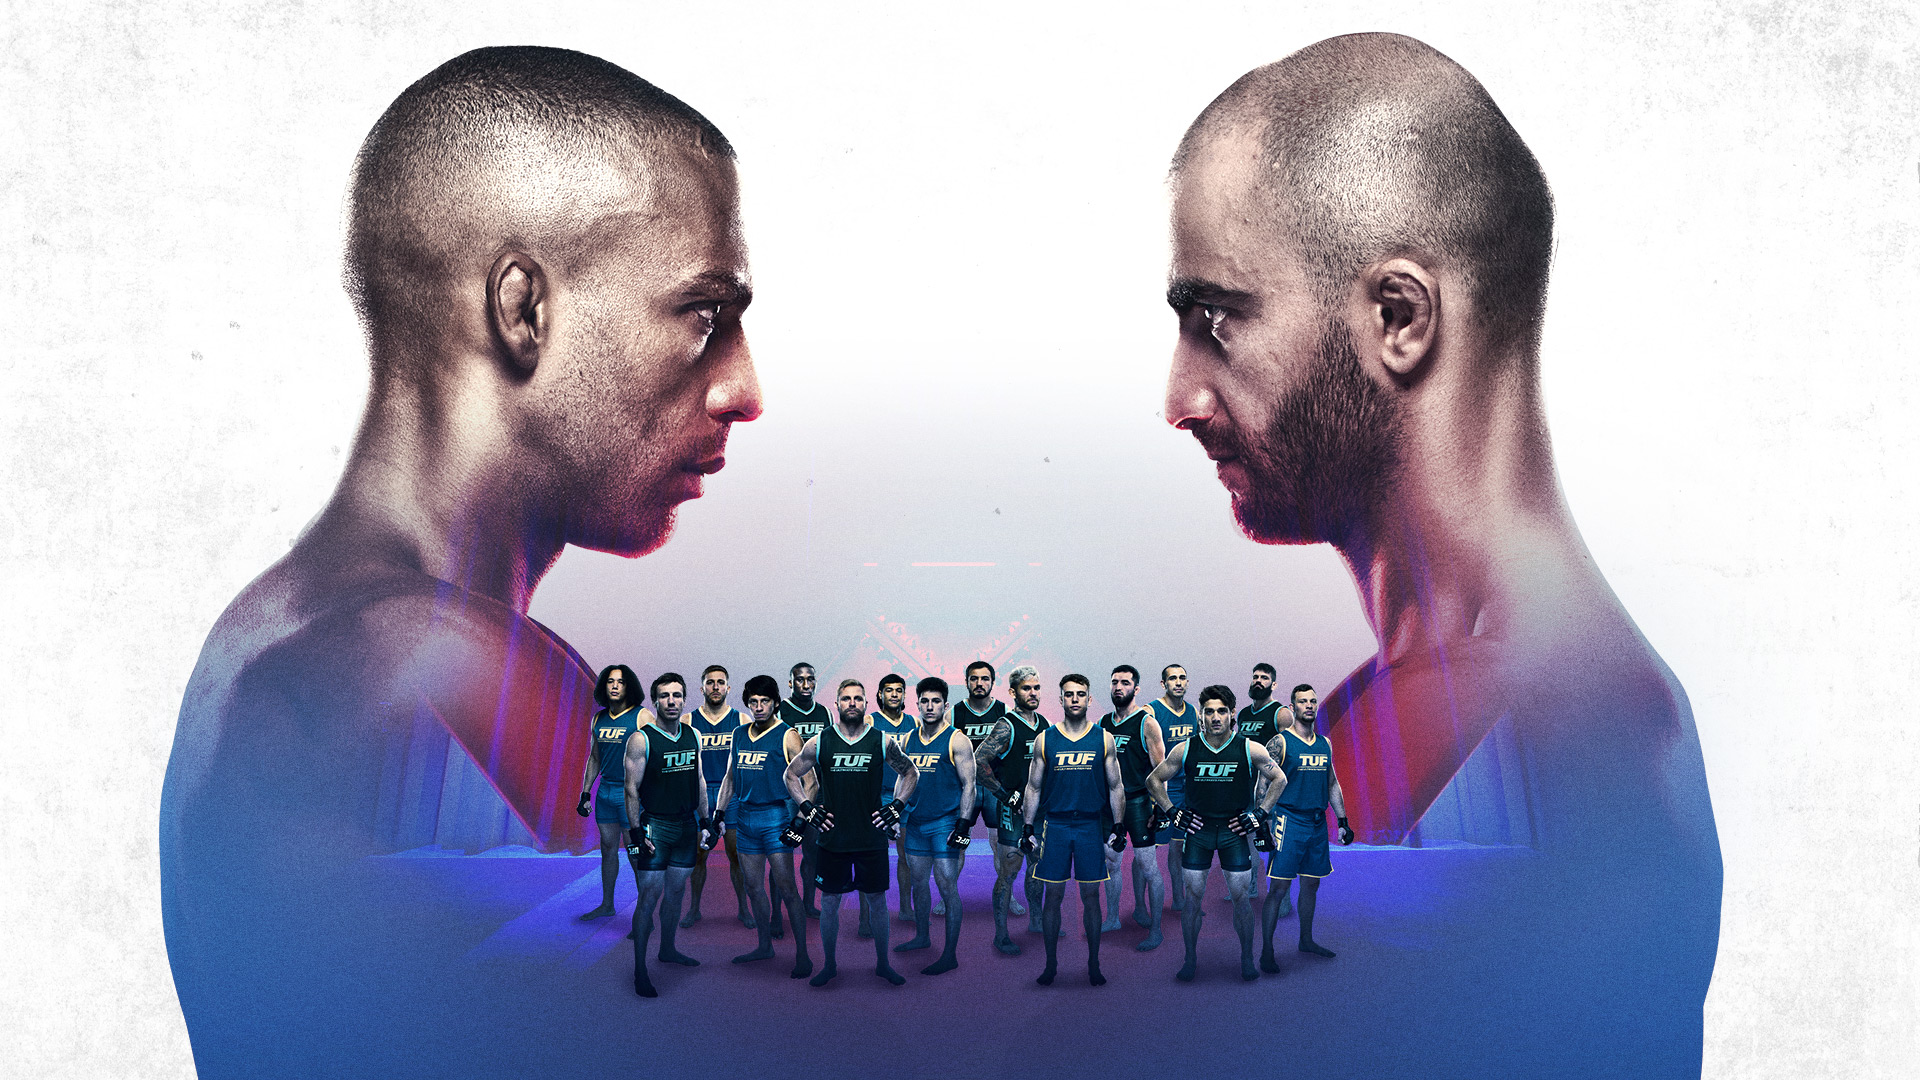 UFCファイトナイト・ラスベガス35:バルボーザ vs. チカゼ